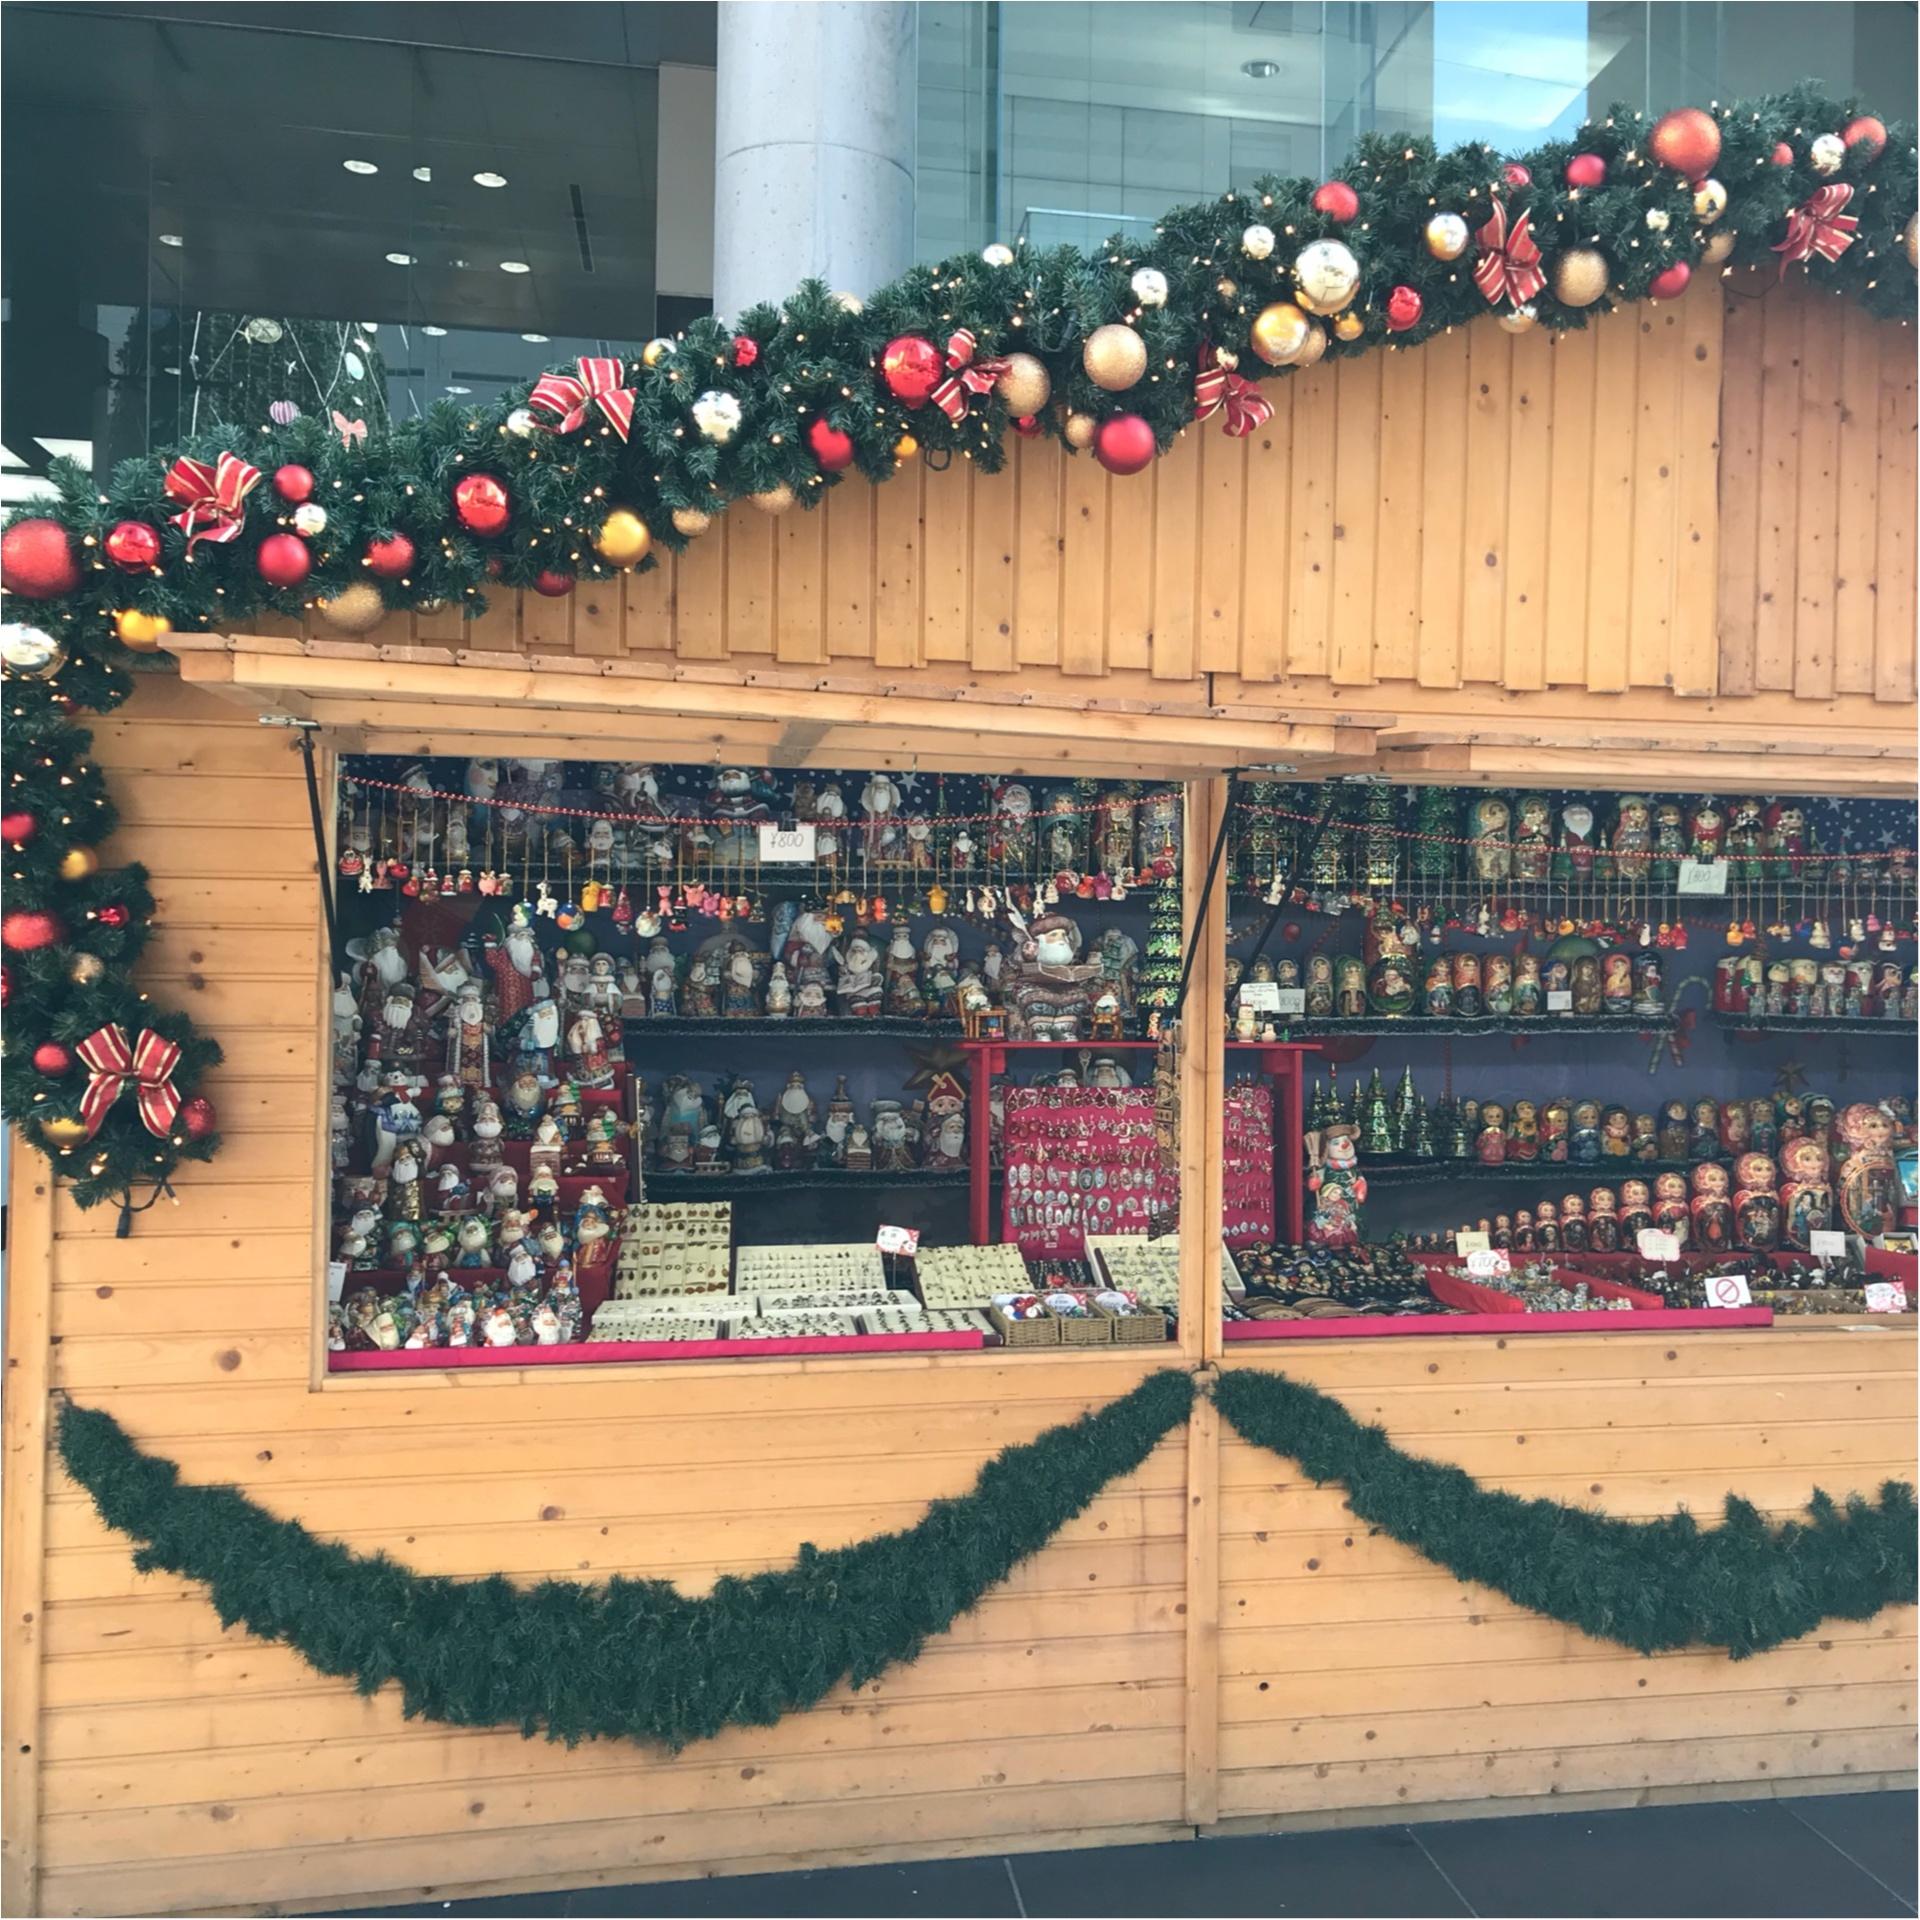 ★このシーズンには欠かせない、おすすめデートスポット♡それが『クリスマスマーケット』★_1